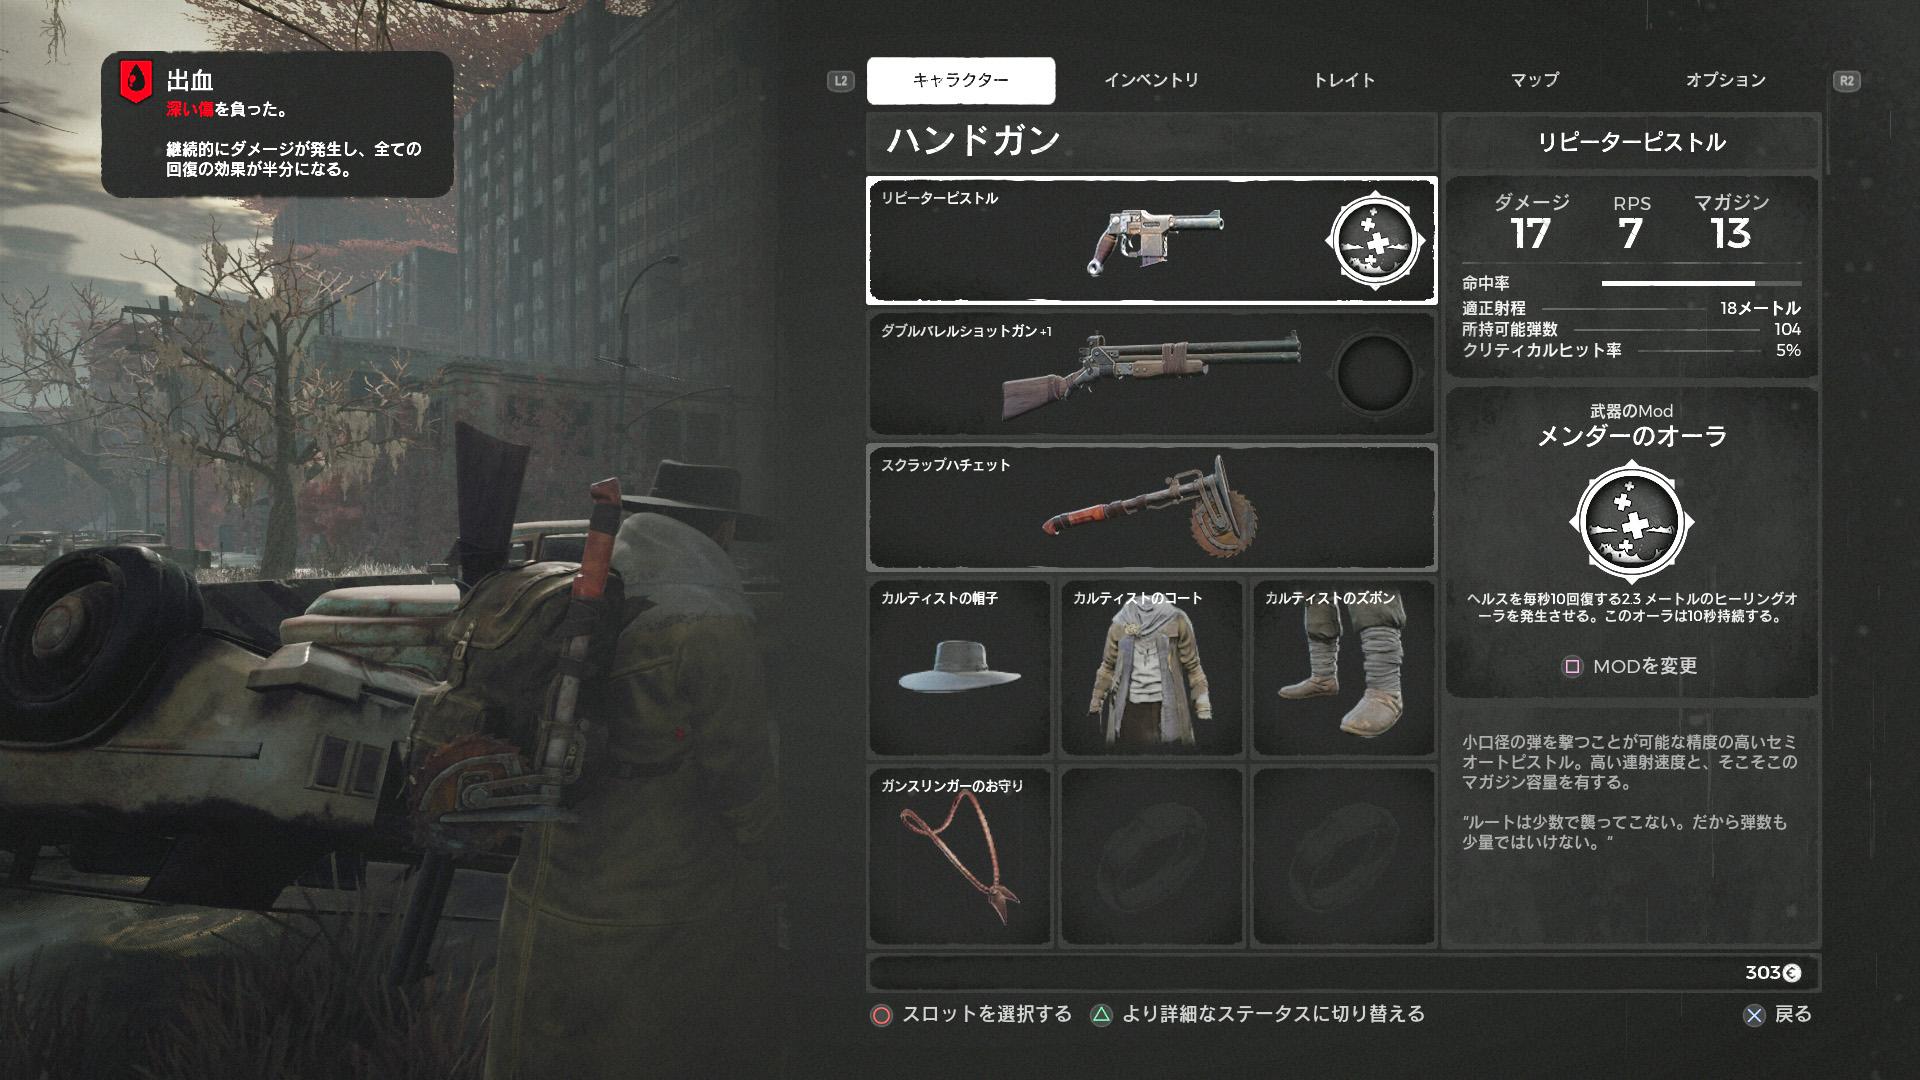 武器の右にある丸いアイコンが武器MOD。その武器を使うと、パワーが溜まっていく